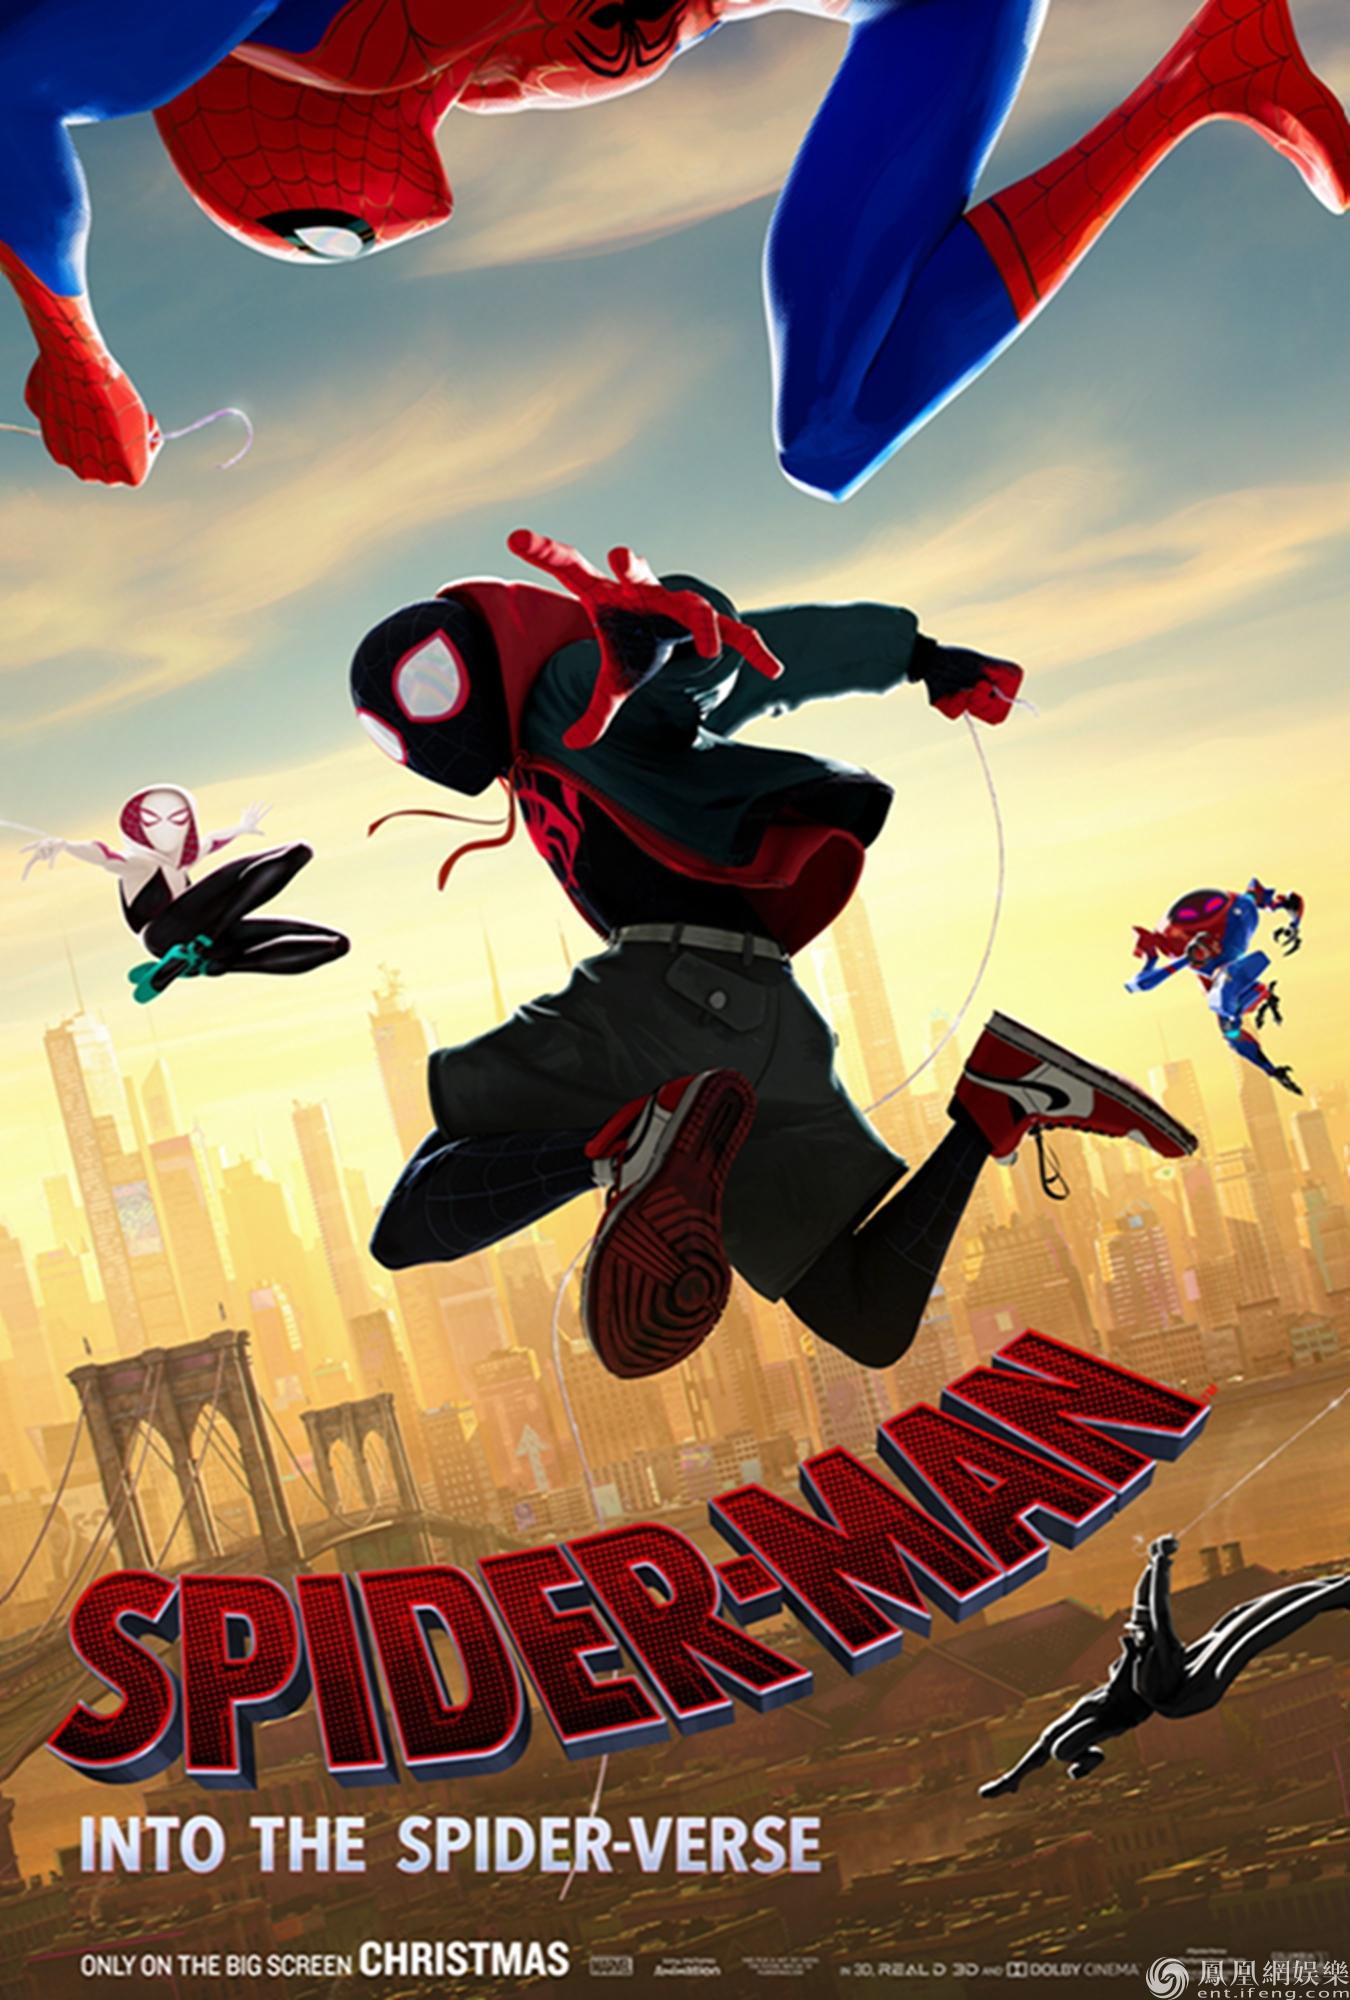 《蜘蛛侠:平行宇宙》预告海报双发 六大蜘蛛侠同框